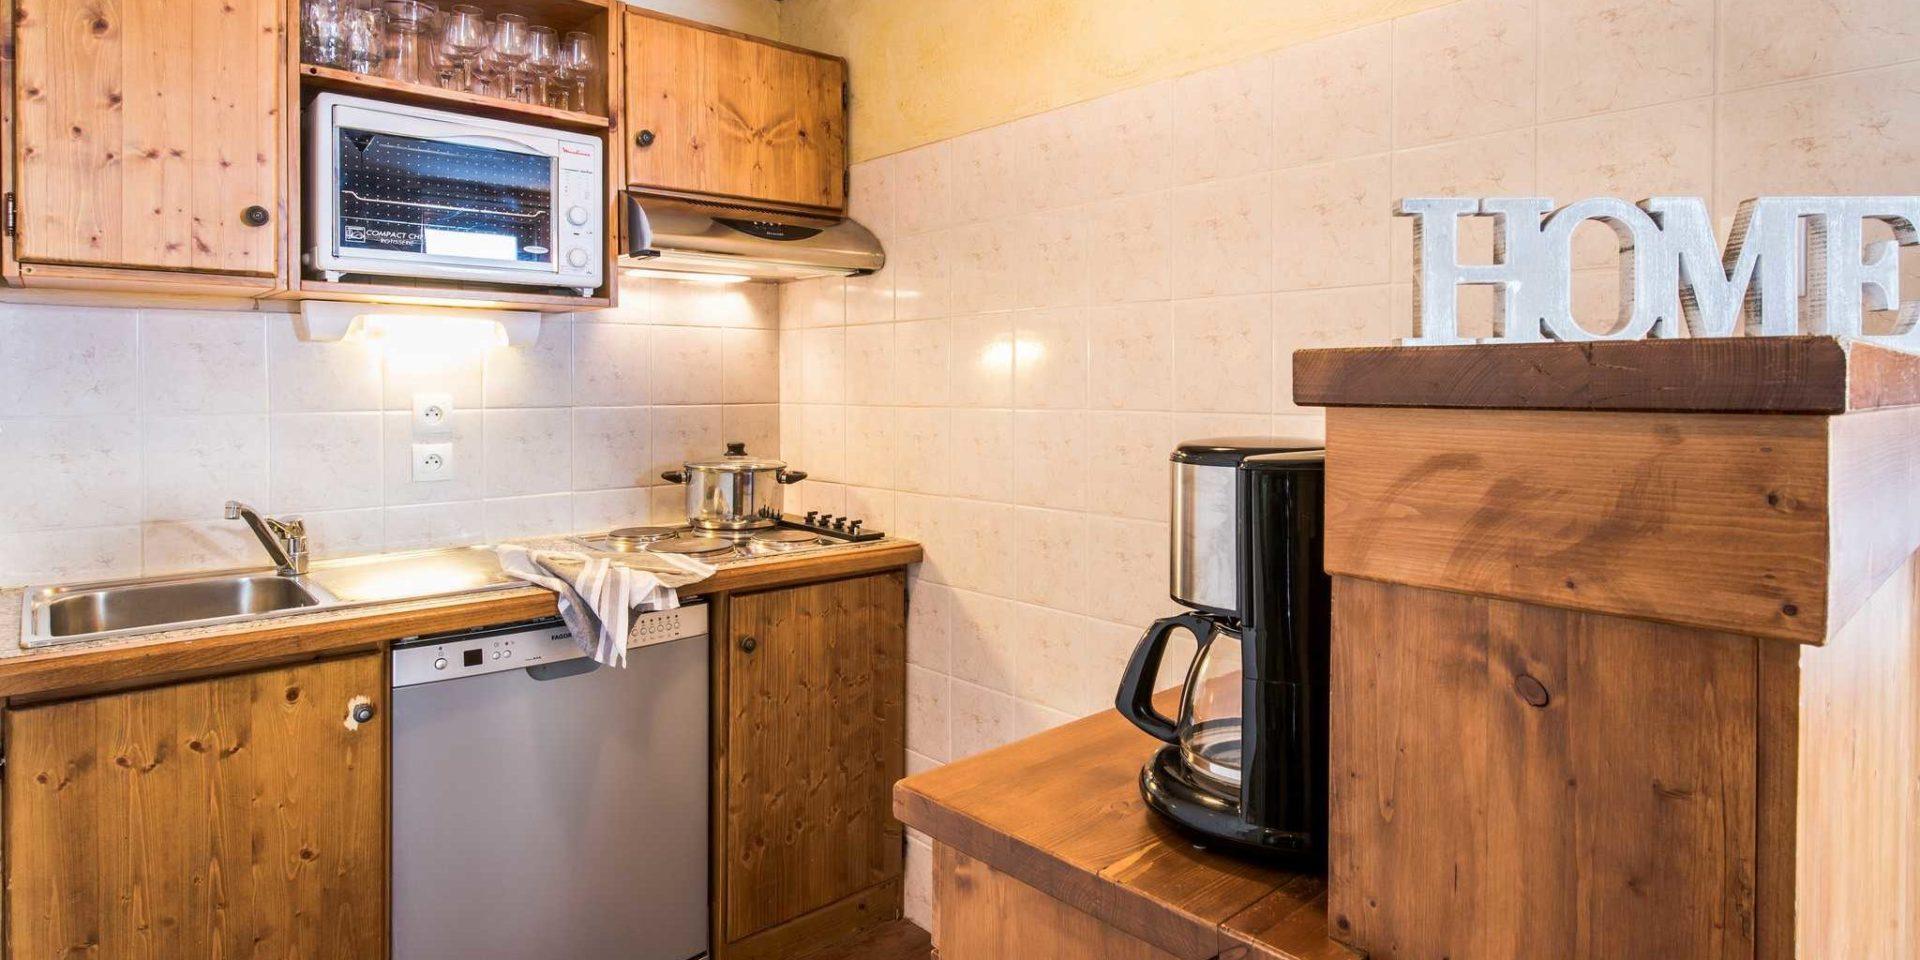 Residences Village Montana Tignes Tignes-Val d'Isere Frankrijk wintersport skivakantie luxe keuken 3K6 houten kastjes gootsteen kookplaat pan HOME